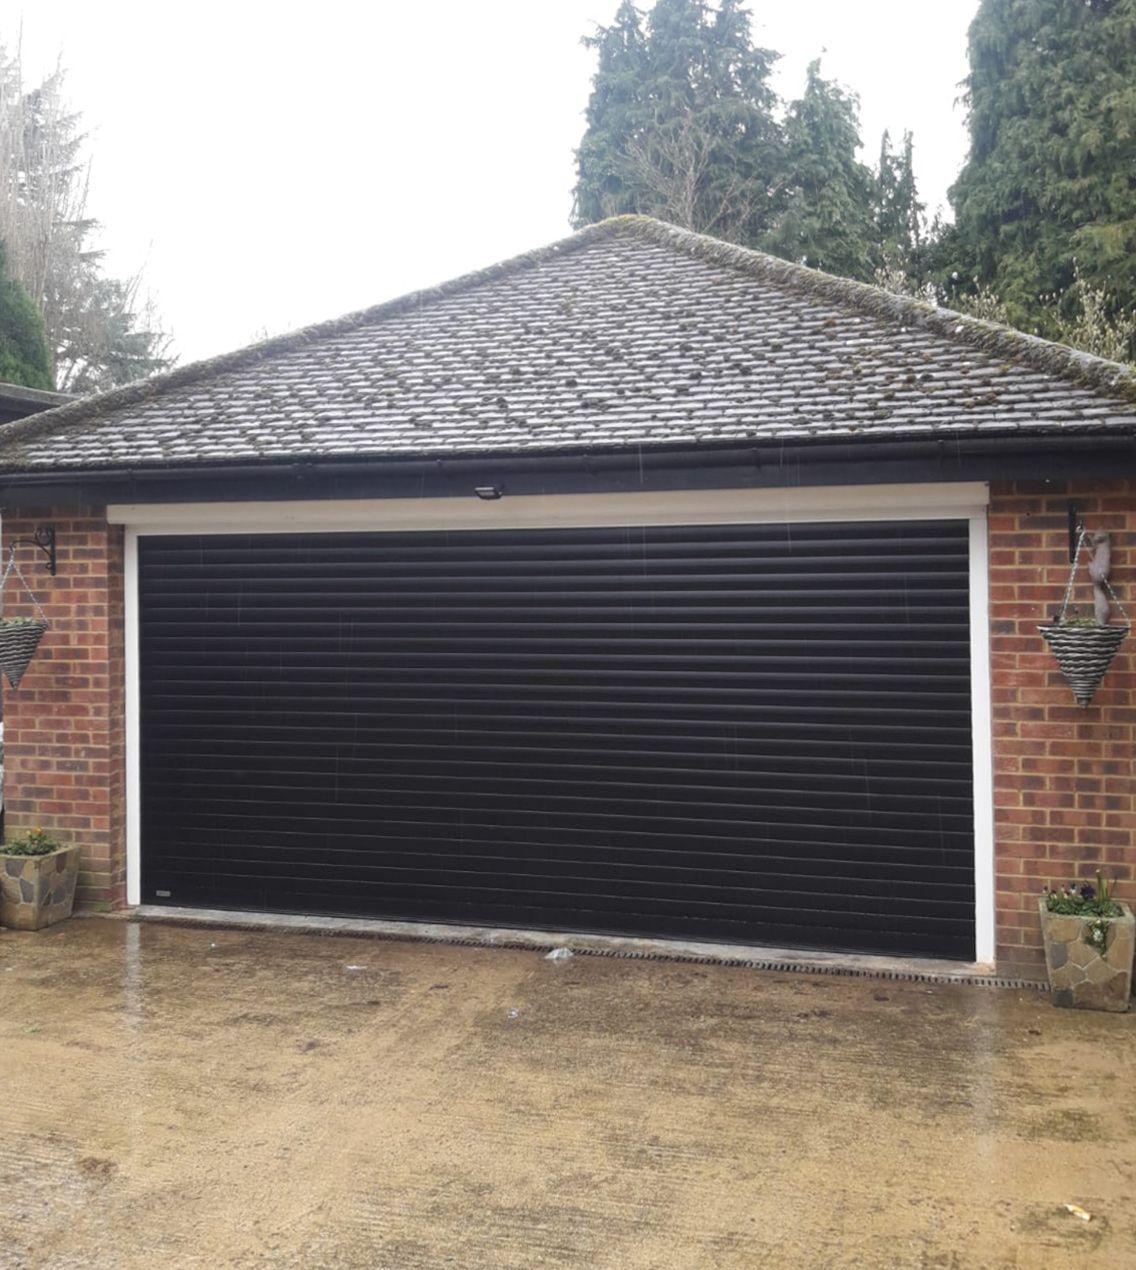 Sws Seceuroglide Double Classic Insulated Roller Garage Door Finished In Black In 2020 Garage Doors Garage Garage Door Opener